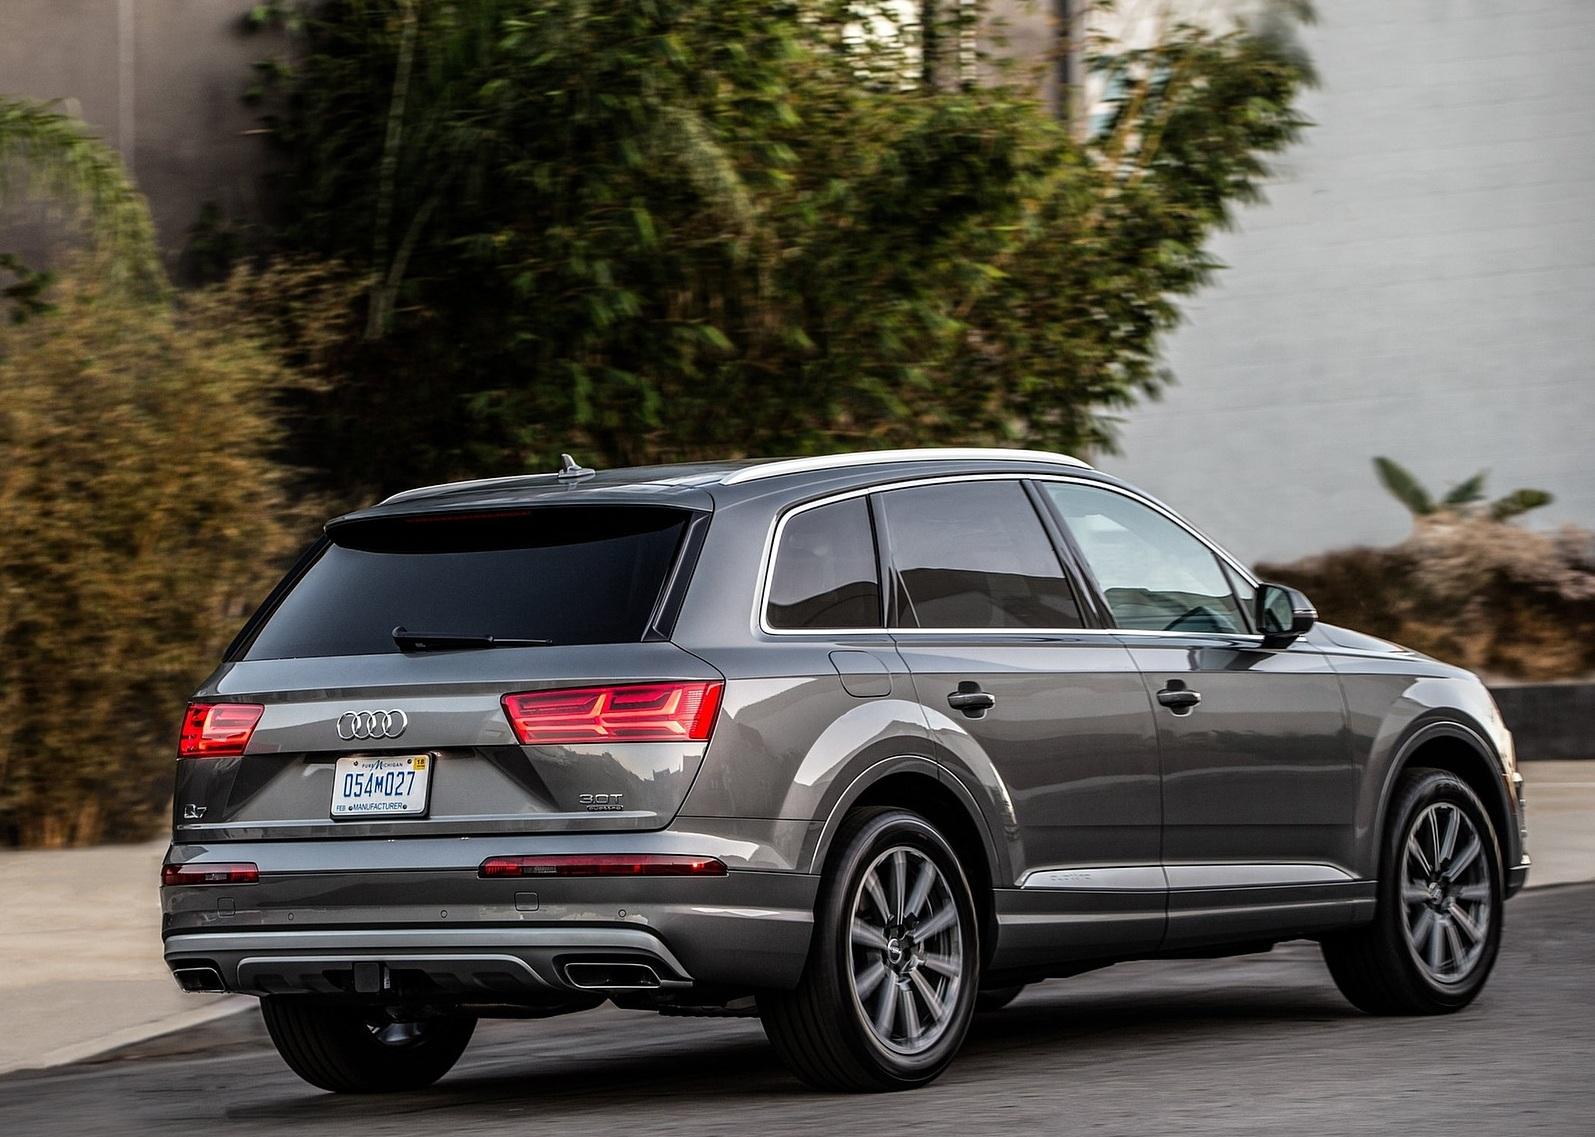 2017 Audi Q7 SUV Rear View